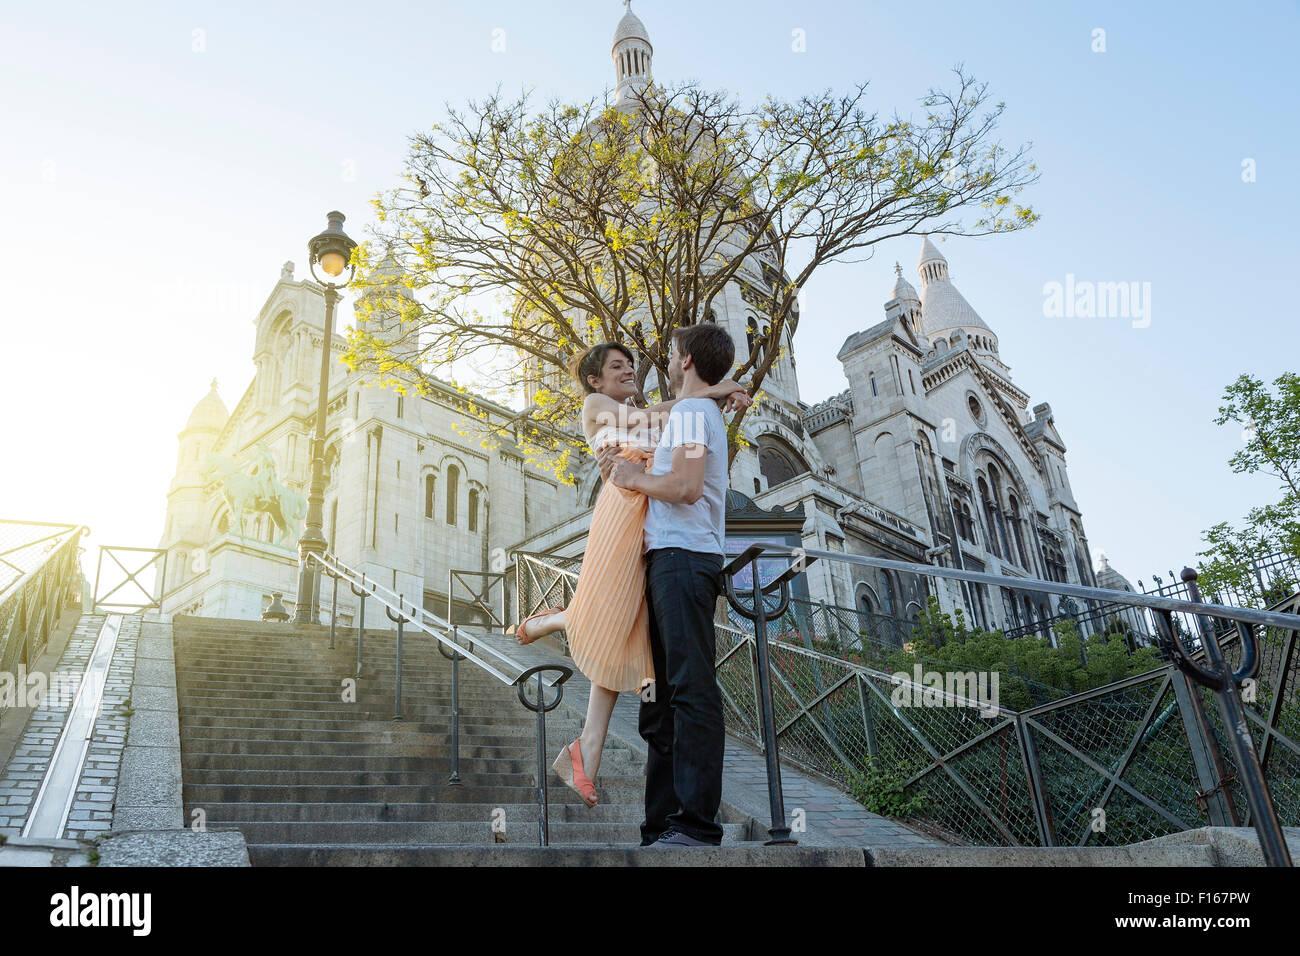 Parigi, giovane risalente a Montmartre Immagini Stock